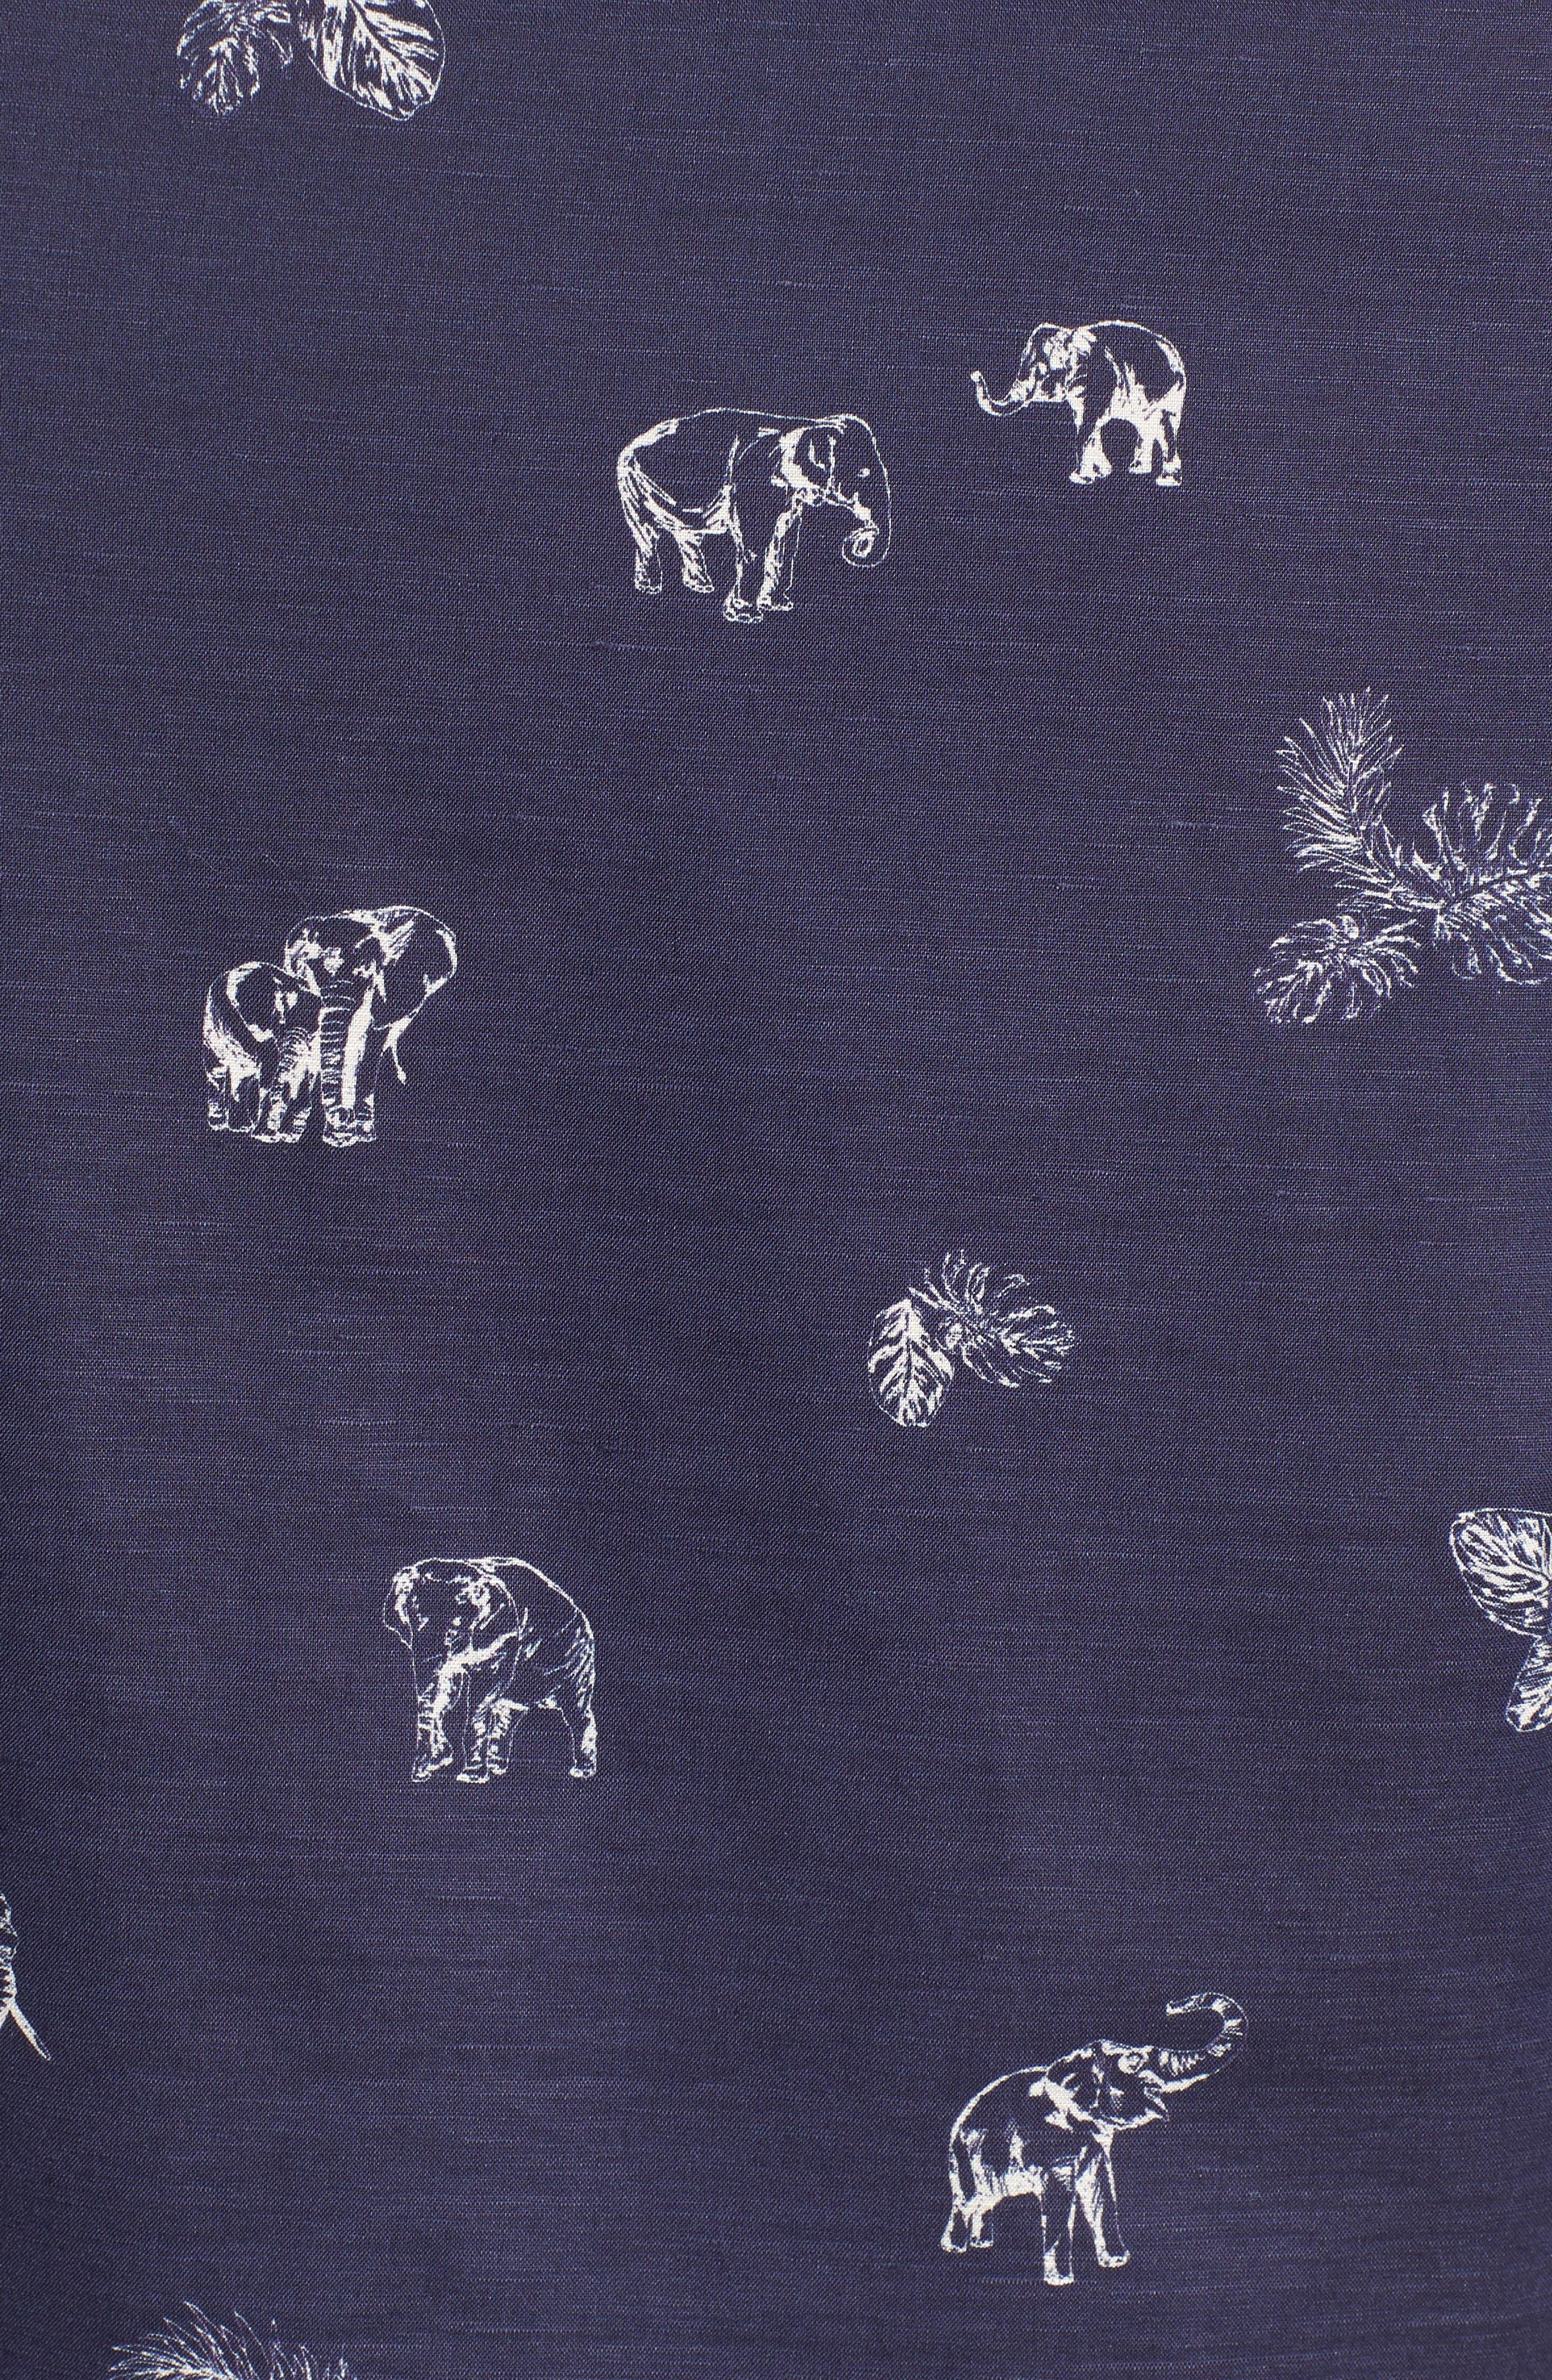 Sanctuary Trim Fit Linen & Cotton Camp Shirt,                             Alternate thumbnail 5, color,                             415